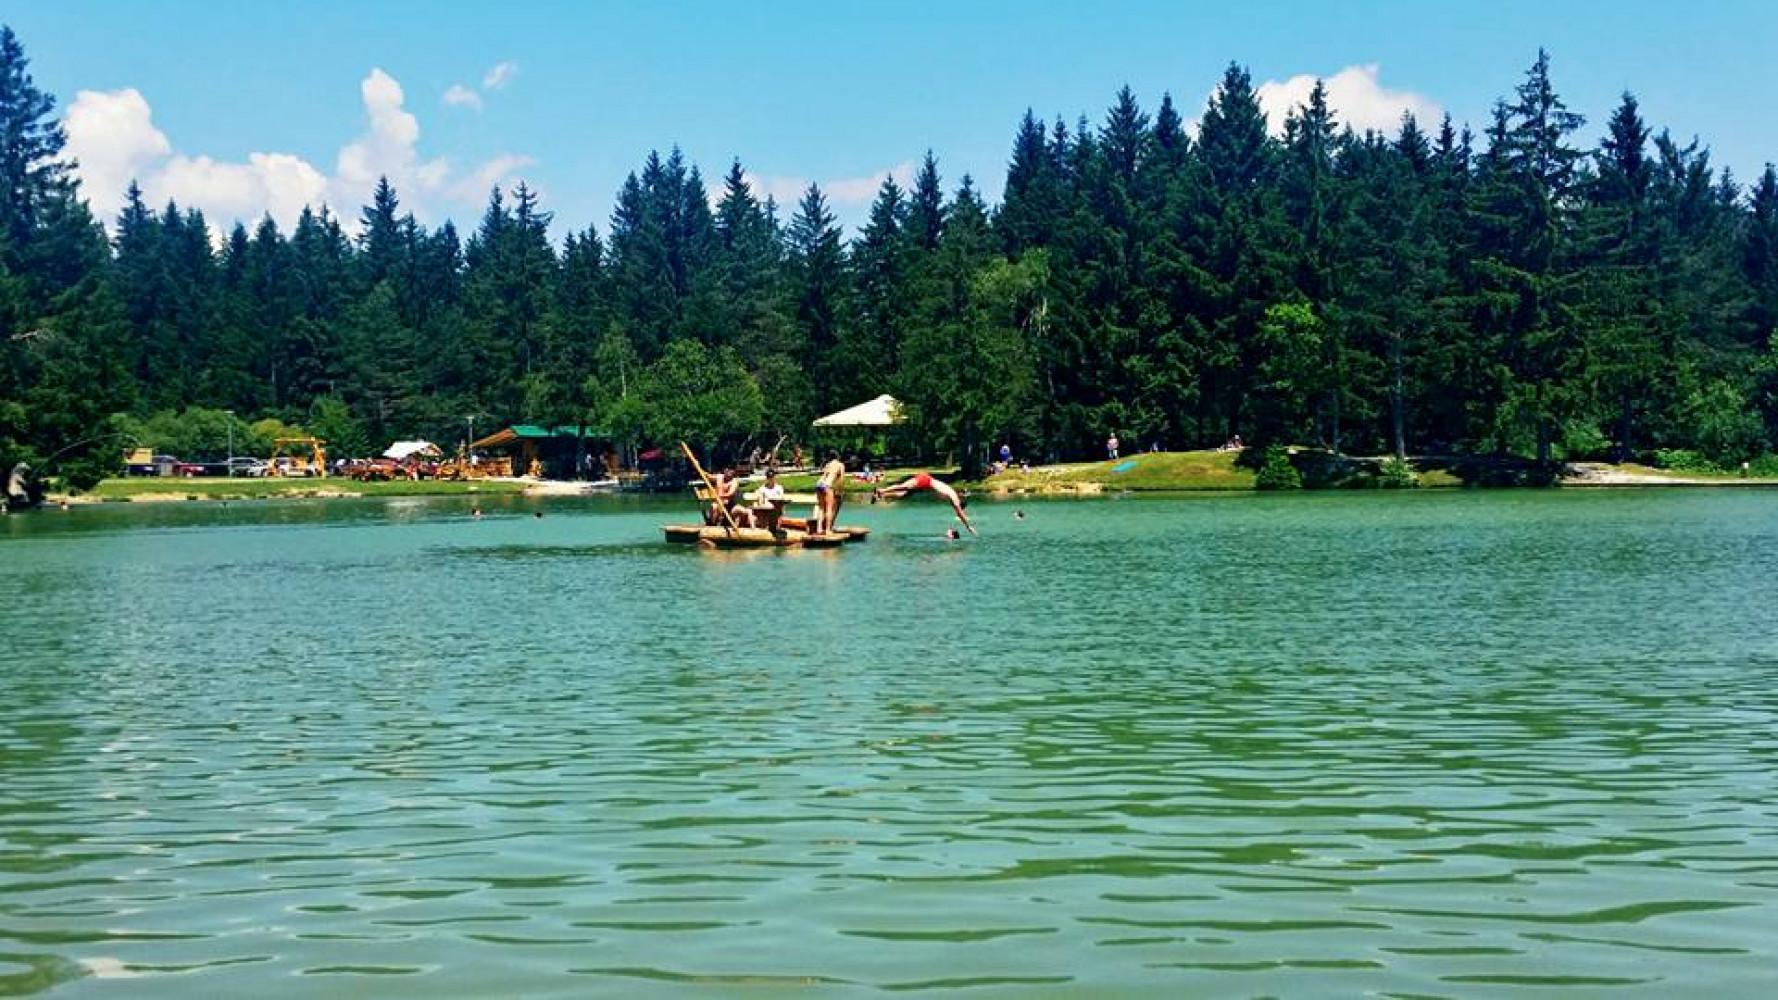 Summer atmosphere at Lake Bloke.